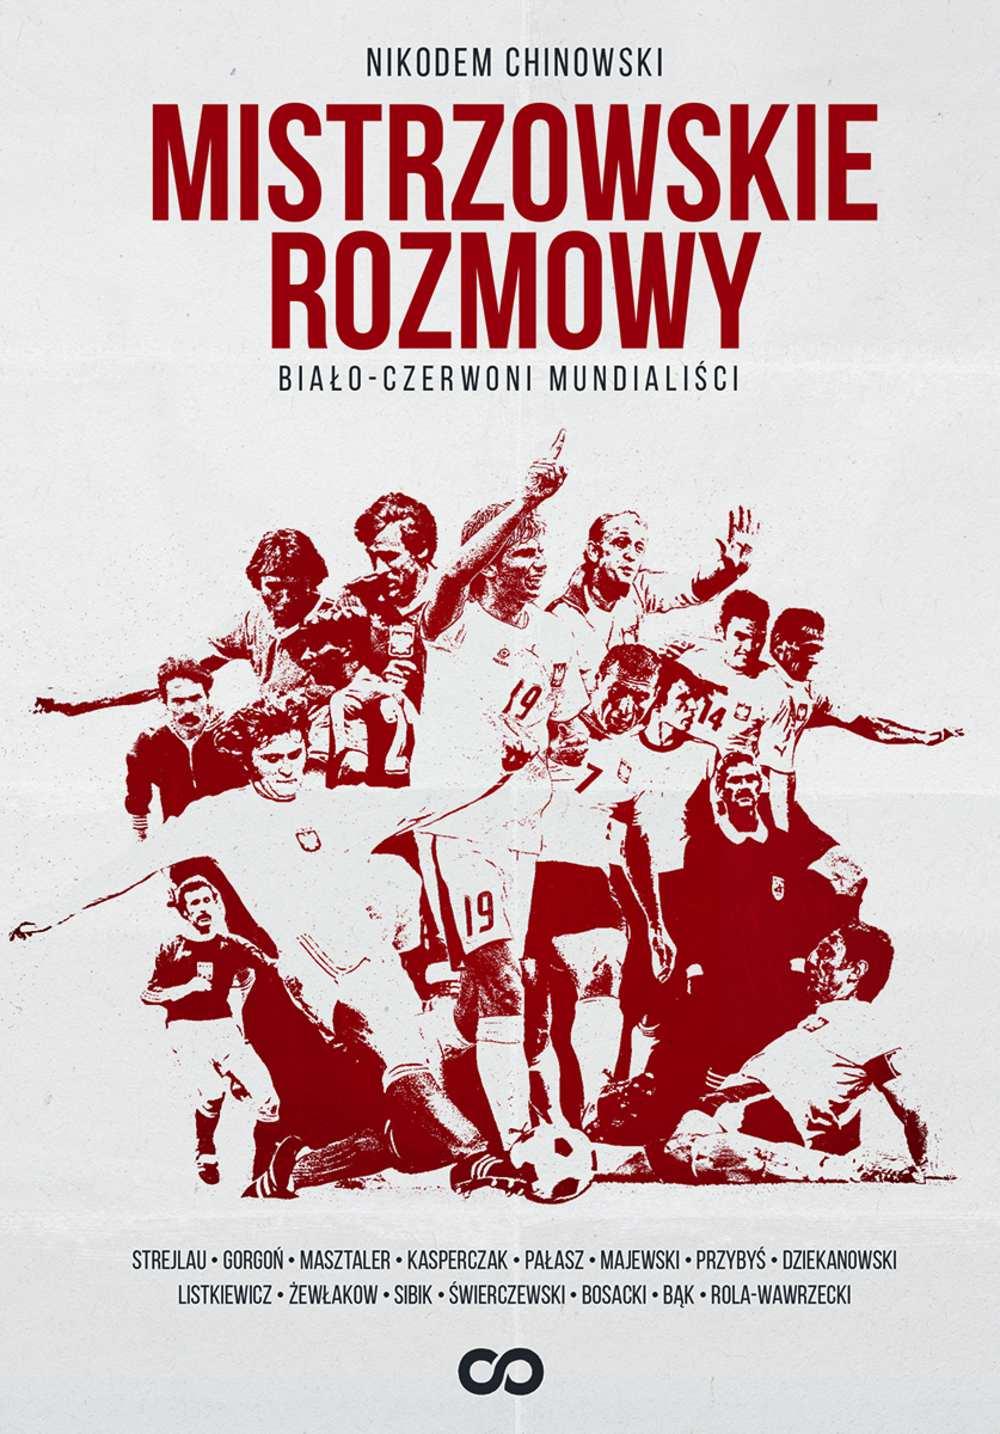 Mistrzowskie rozmowy. Biało-czerwoni mundialiści - Ebook (Książka na Kindle) do pobrania w formacie MOBI